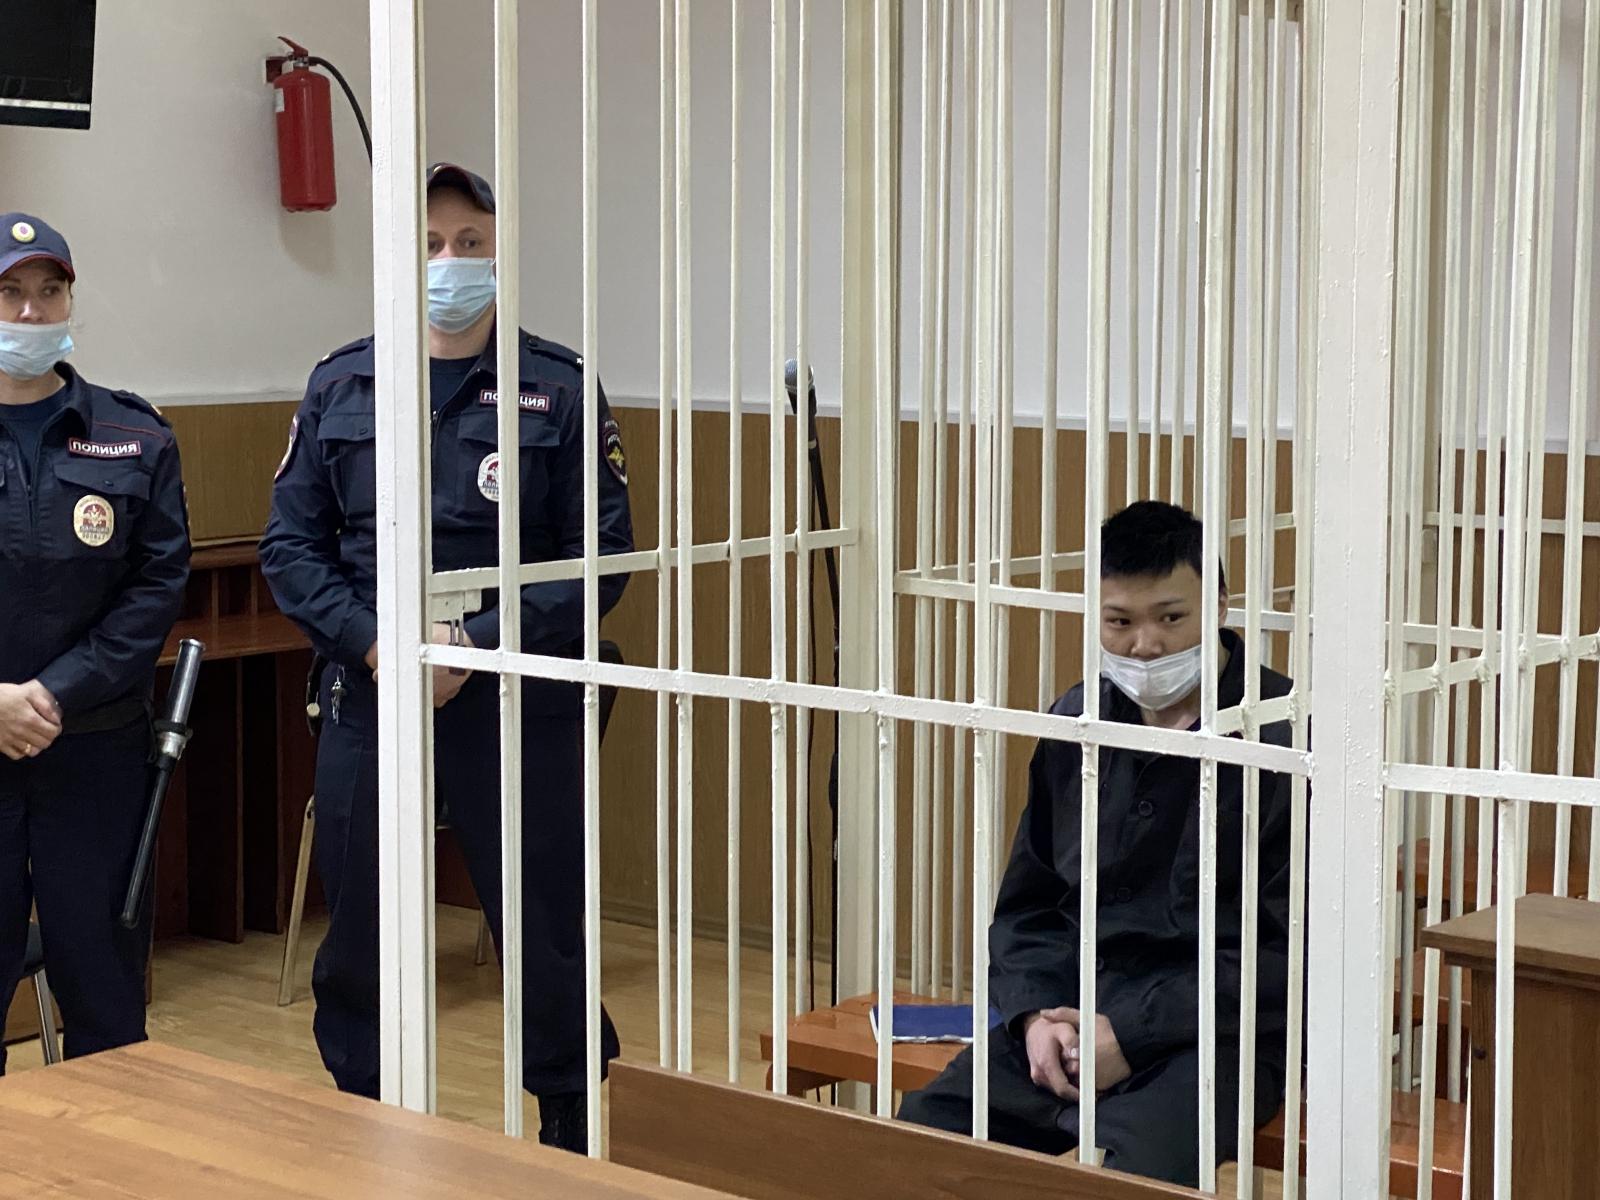 Суд приговорил к 17 годам колонии жителя Агинского, убившего и расчленившего 17-летнего парня